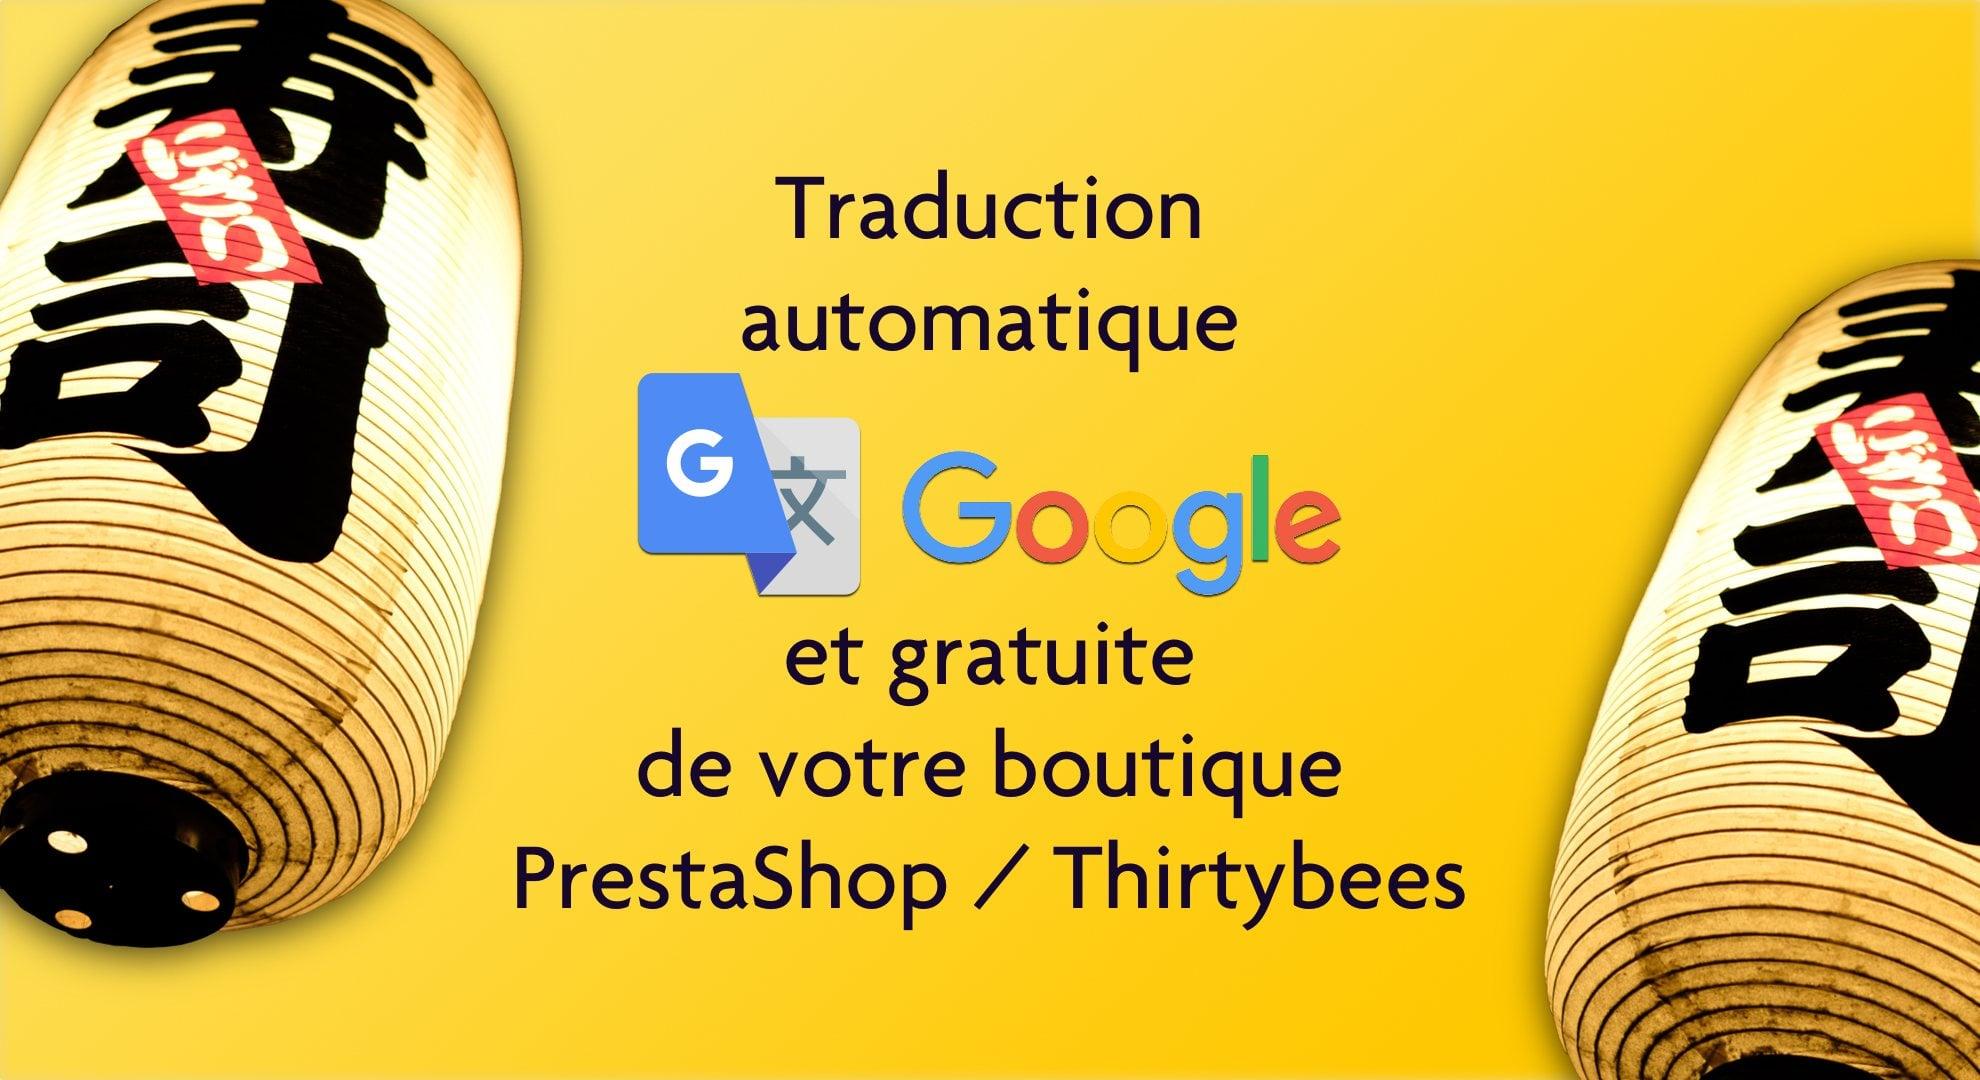 Traduisez automatiquement et gratuitement votre boutique développée avec PrestaShop ou thirtybees